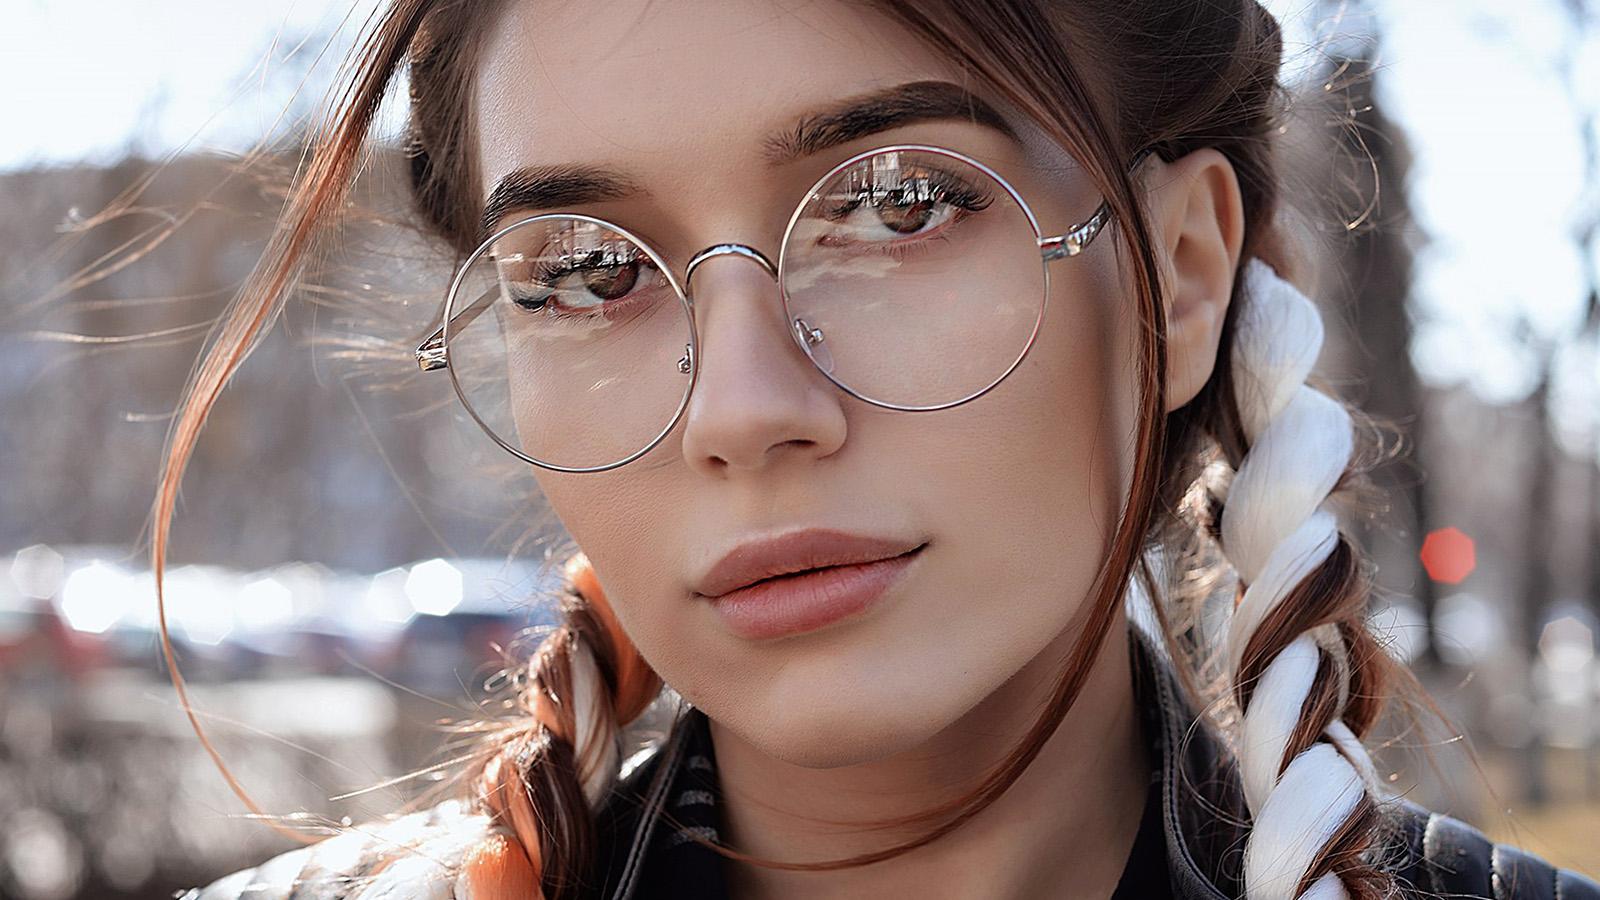 Hd 2160 Wallpapers Girl Hp49 Dua Lipa Girl Glasses Wallpaper